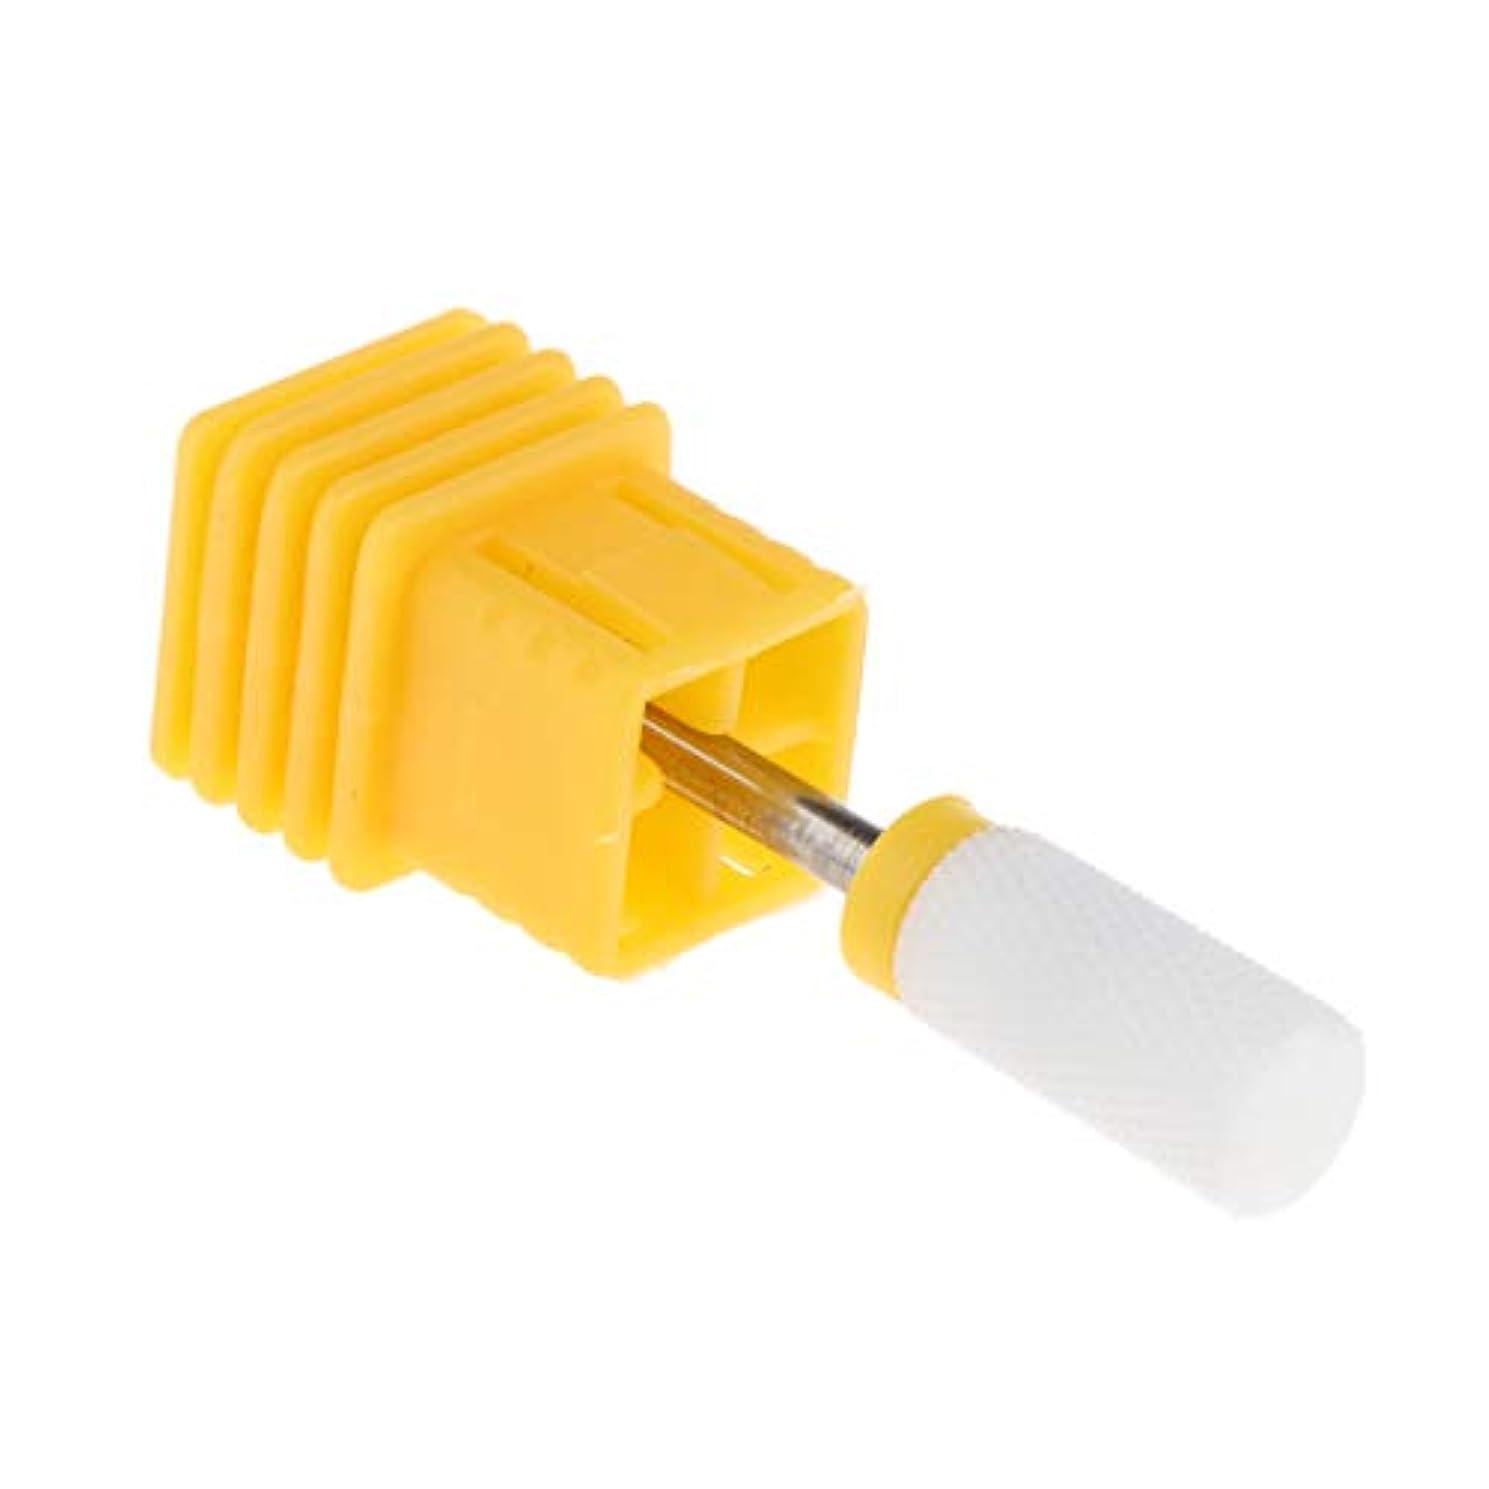 人喉頭競争力のあるネイルドリルビット 研磨ヘッド マニキュアツール 全6選択 - XF